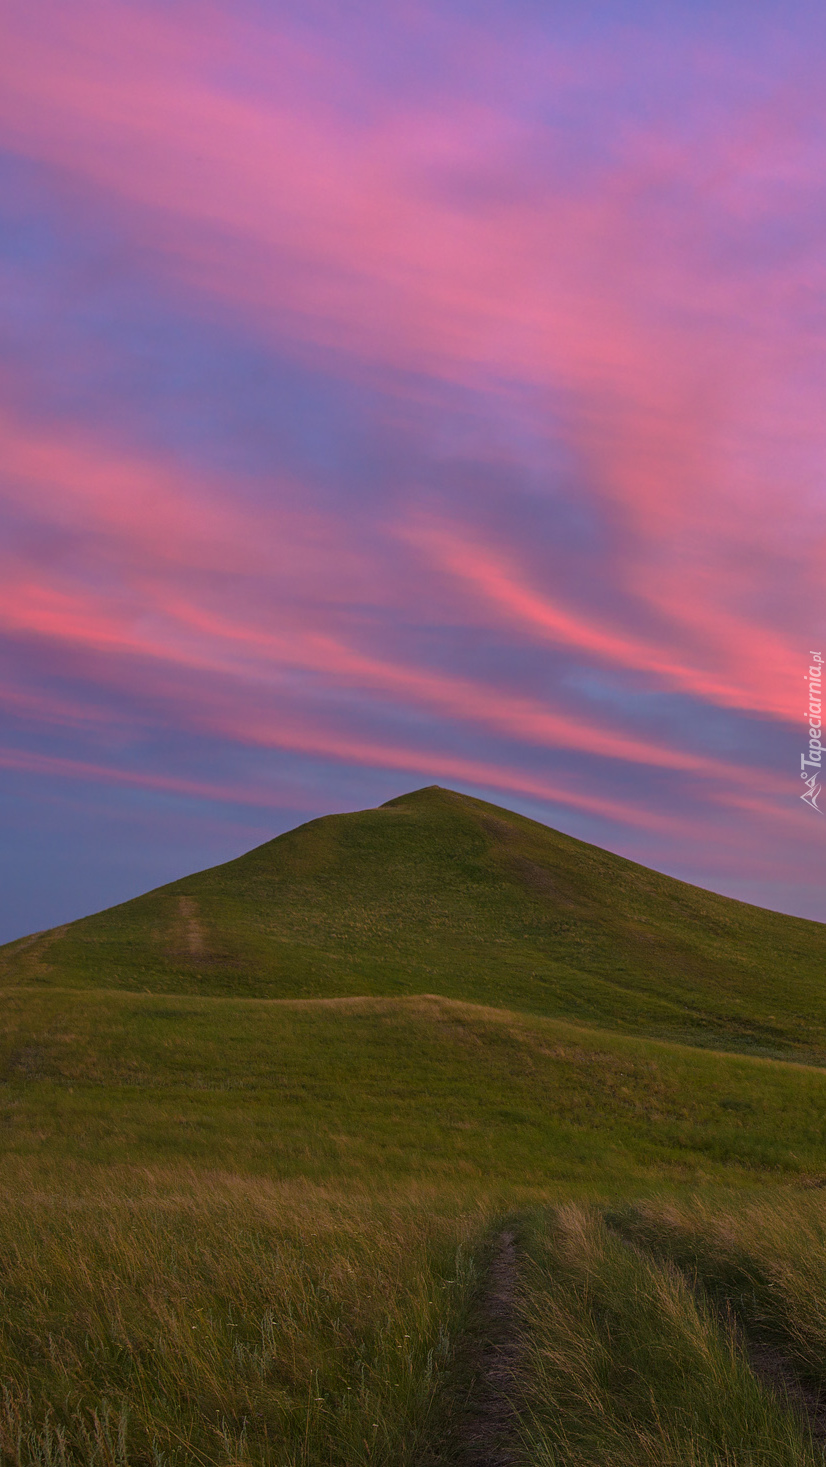 Wzgórze na tle nieba